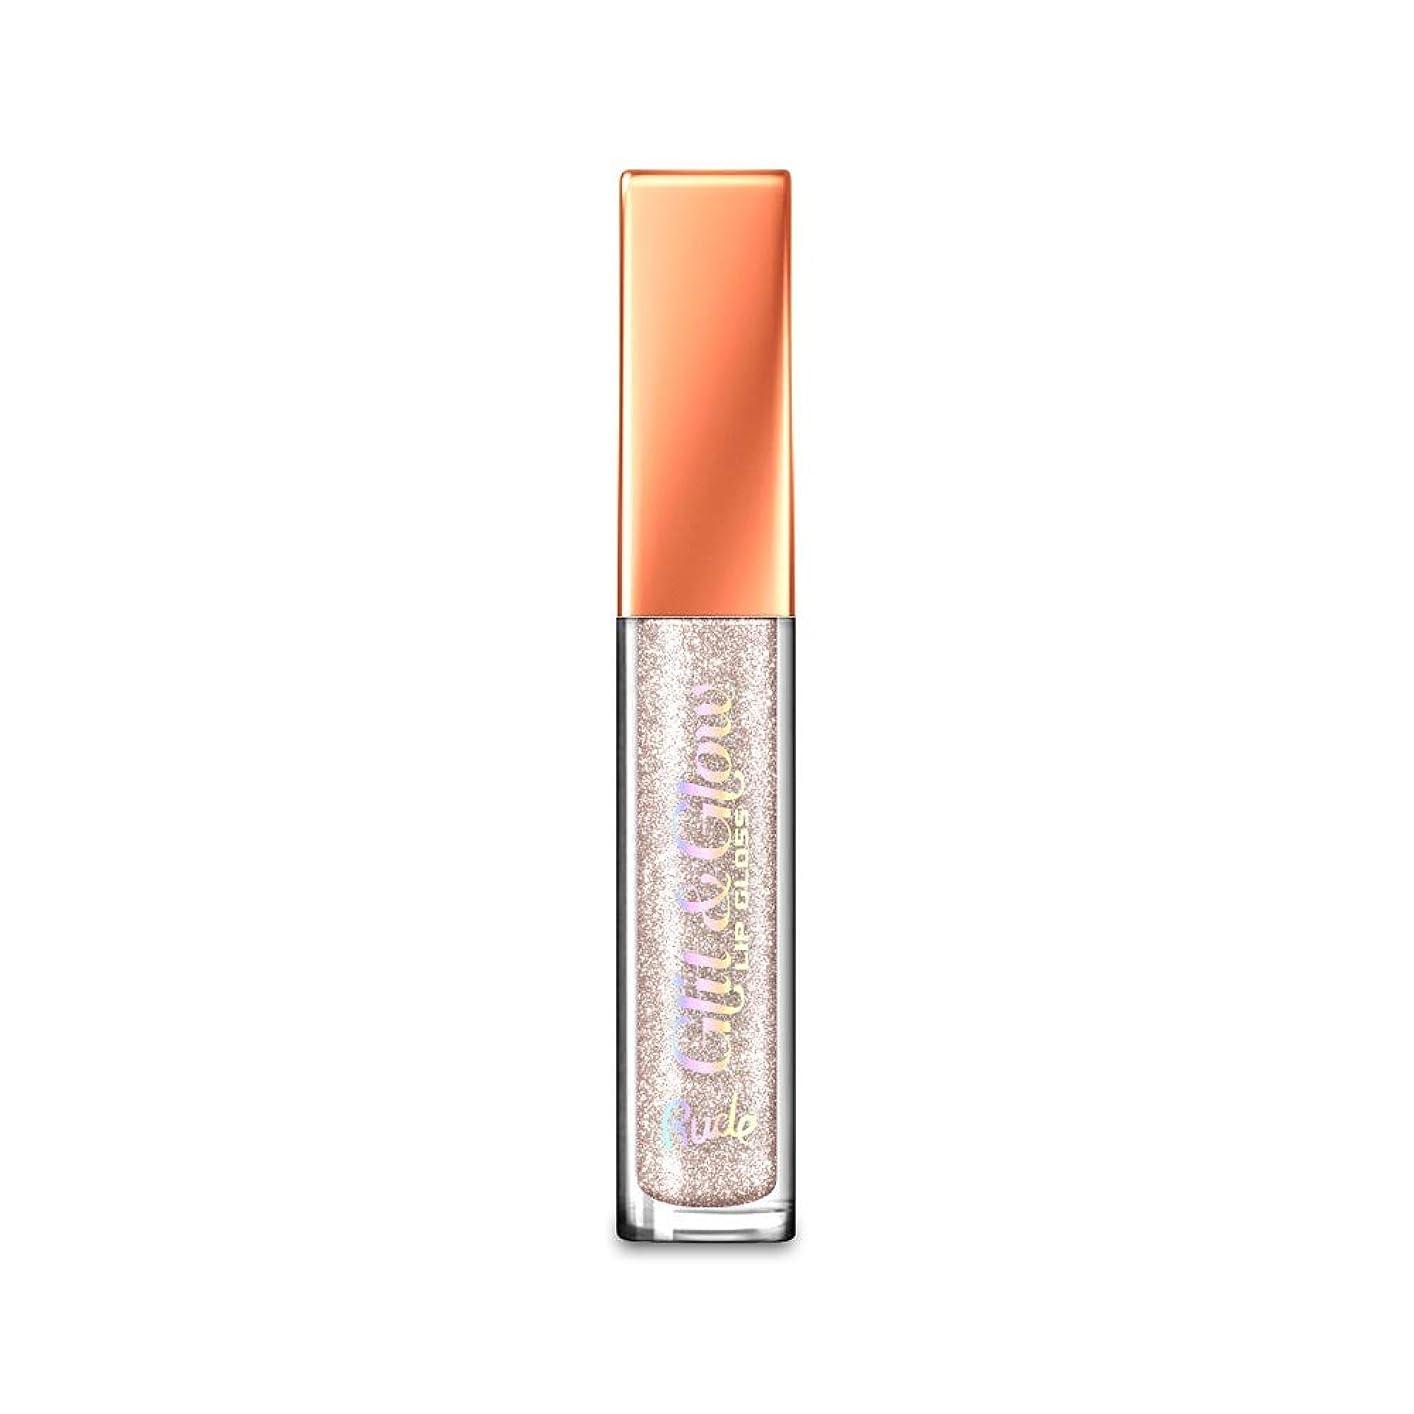 持続的悲しいことに再発する(3 Pack) RUDE Glit & Glow Lip Gloss - Feeling Naughty (並行輸入品)